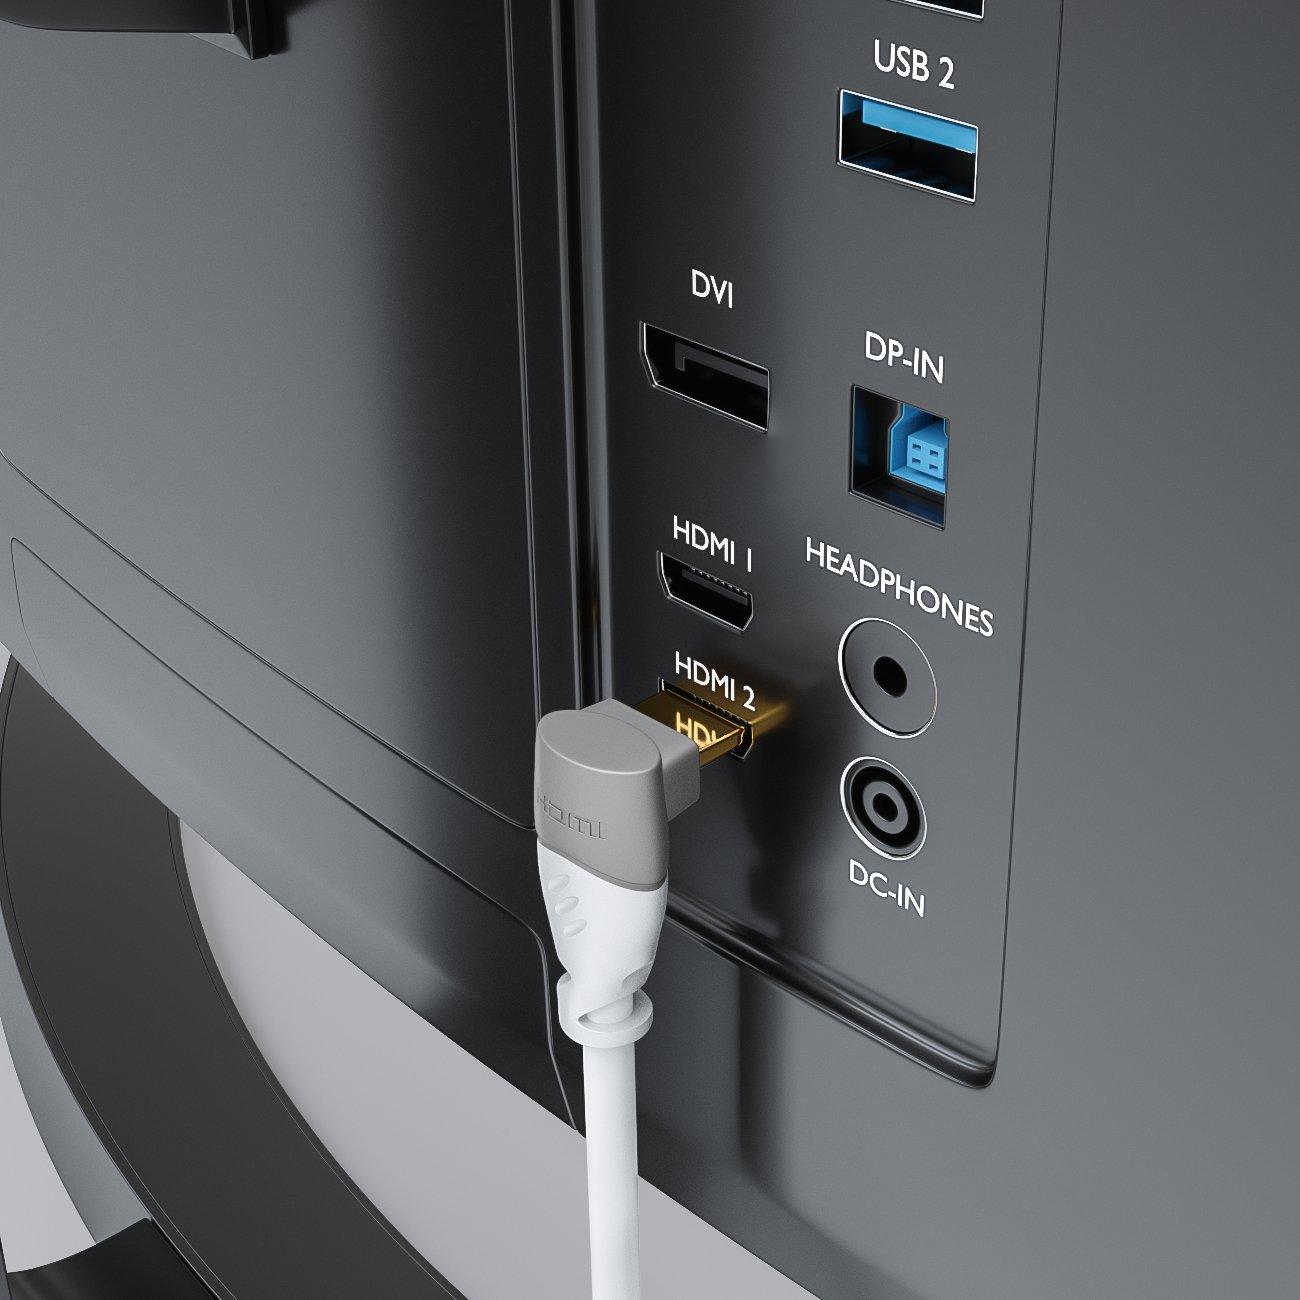 deleyCON 1,5m Cable HDMI Ángulo de 90°: Amazon.es: Electrónica